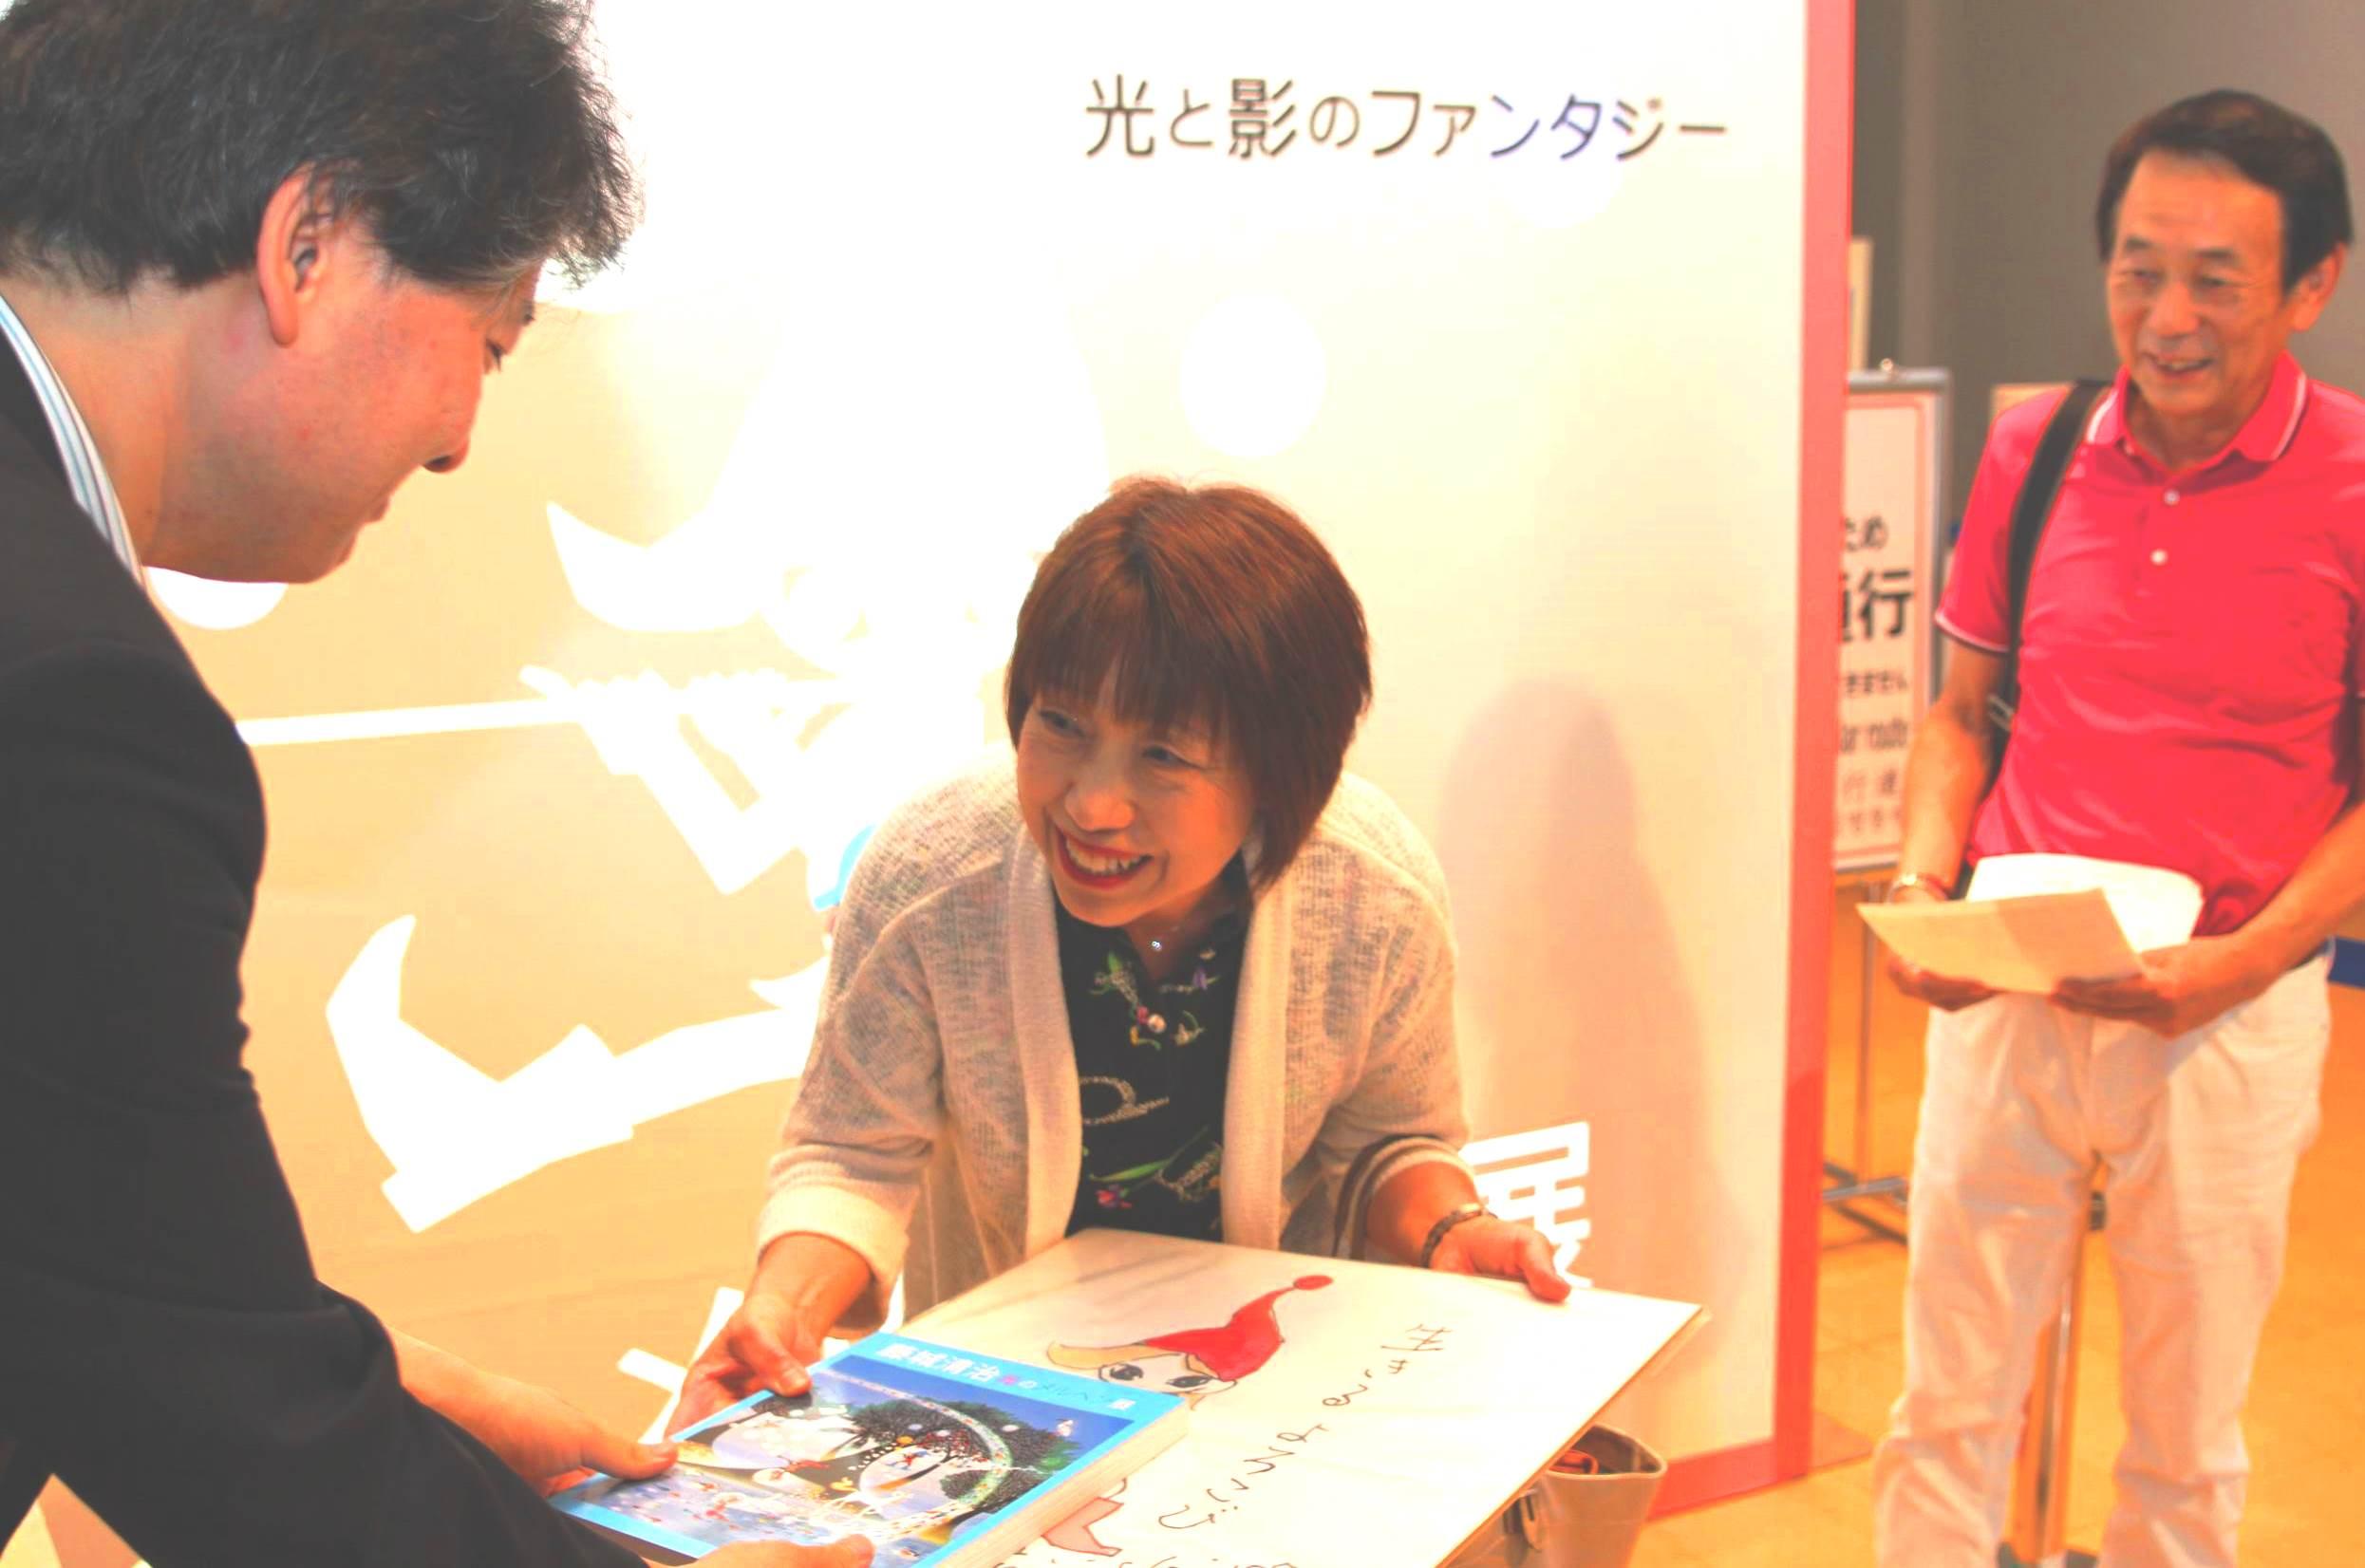 奈良伊賀地域で産経新聞の購読試読・求人案内。